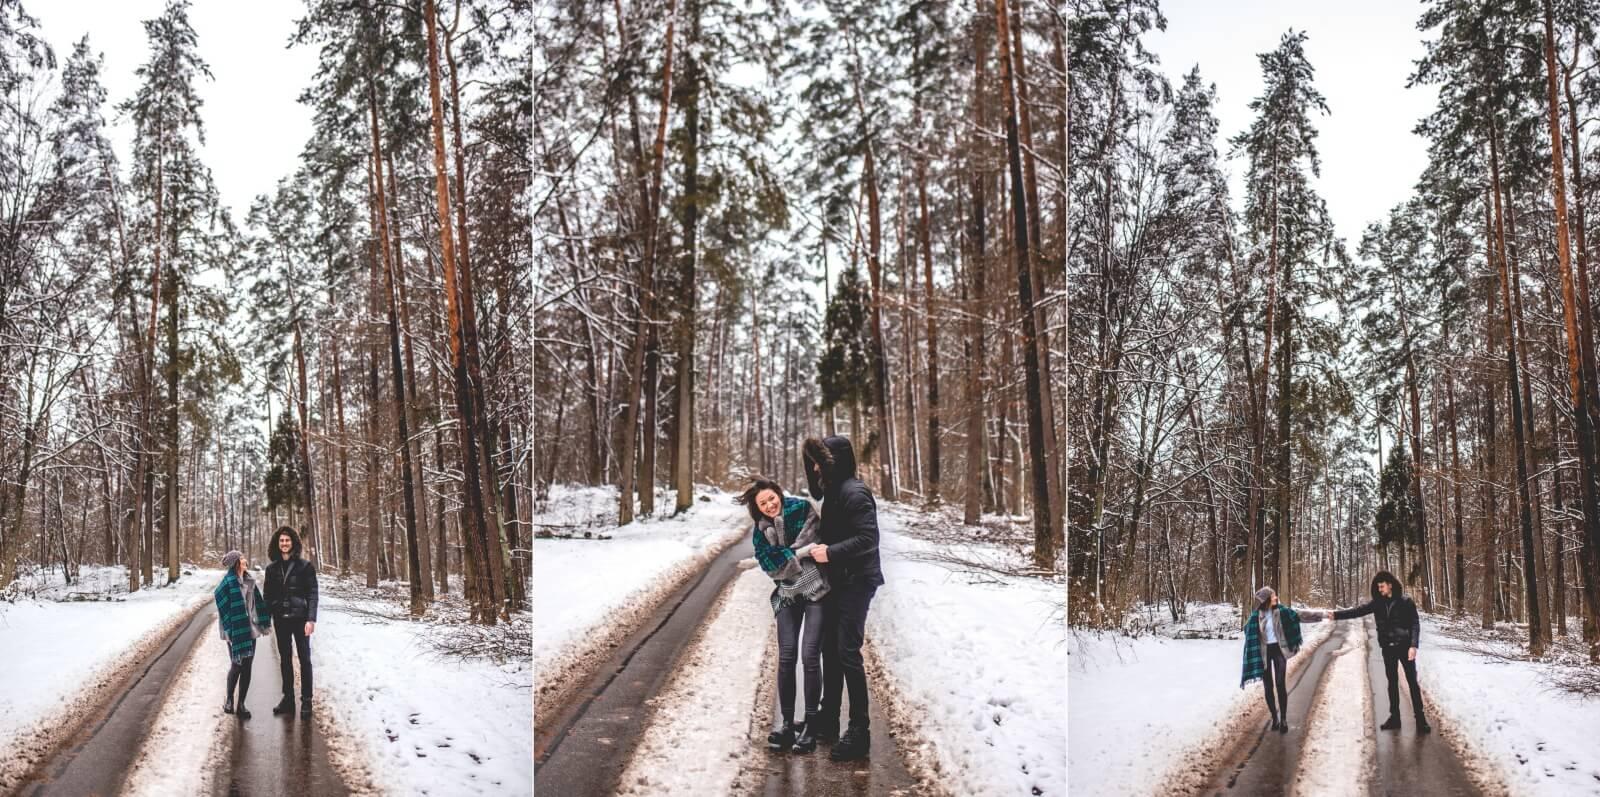 Sesja narzeczenska Anita i Adrian 10 01 2021 Marta Trzcinska Fotografia 97 side - Zimowa sesja narzeczeńska Anity i Adriana - Starogard Gdański